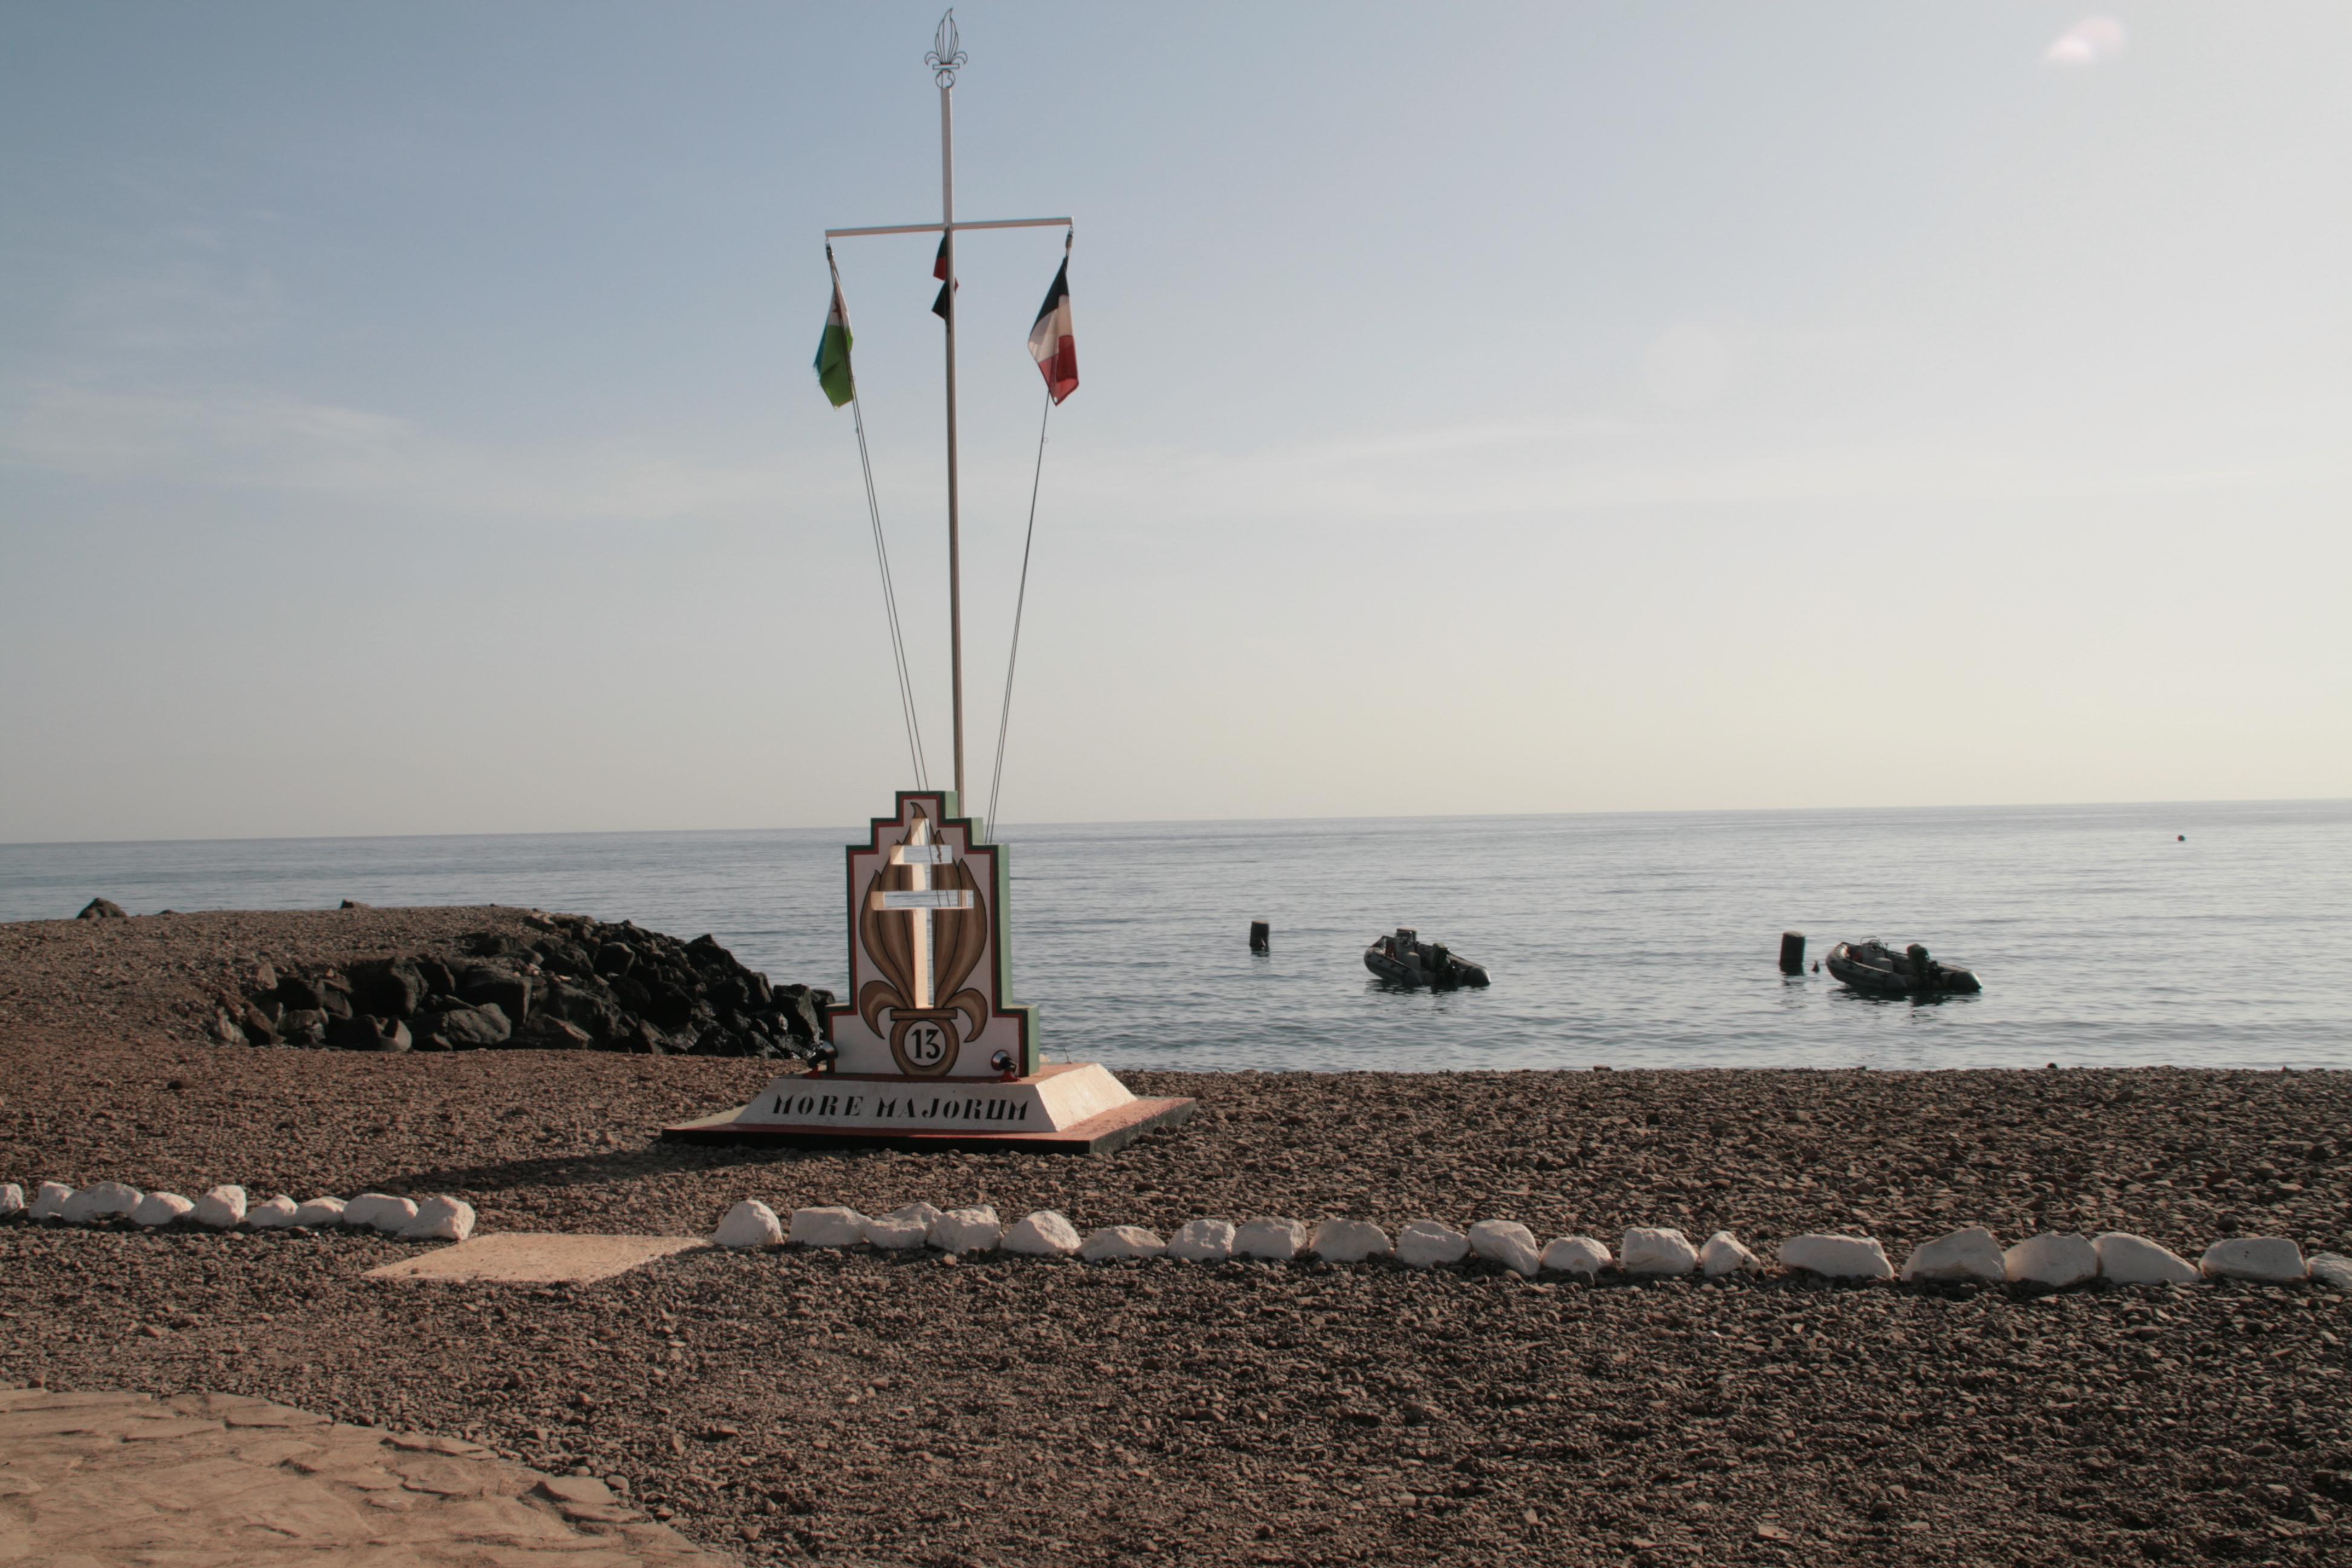 Le camp d'Arta plage